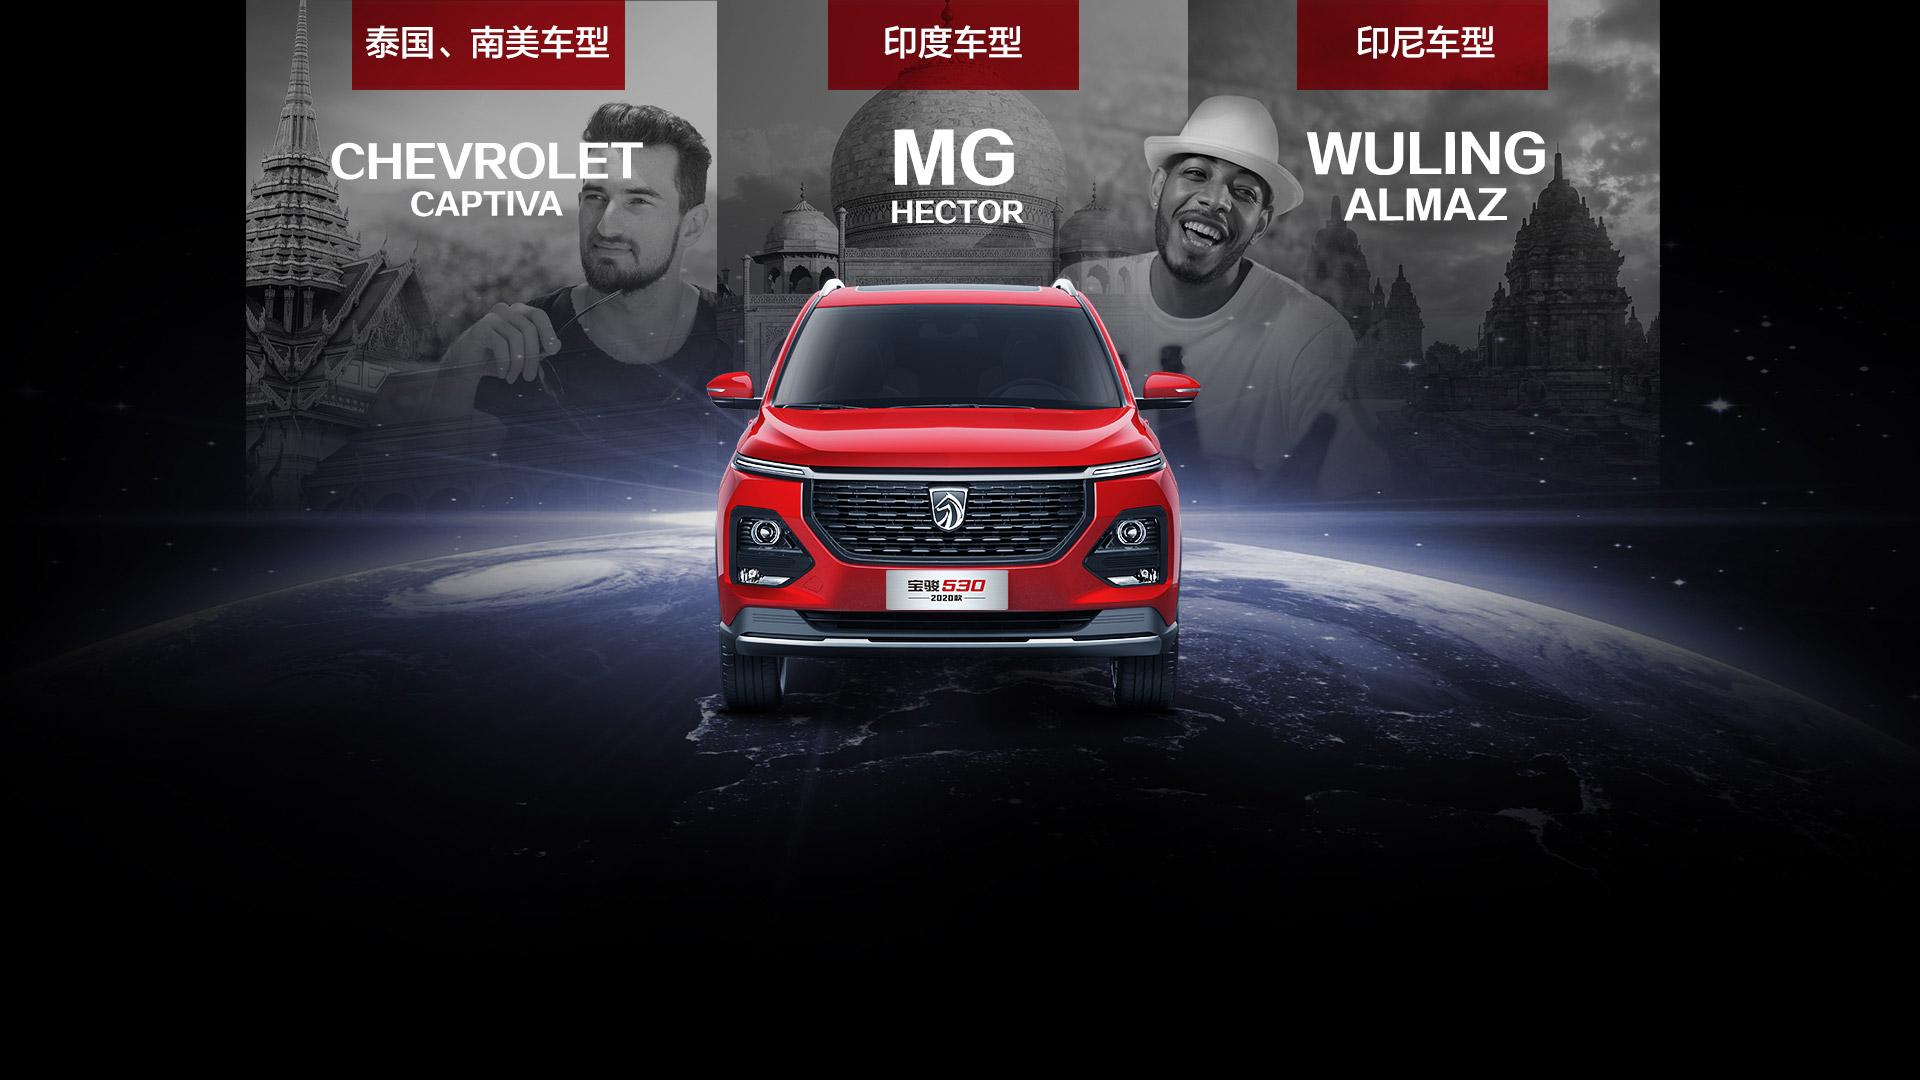 寶駿530,2020款,質量,中國原版全(quan)球車